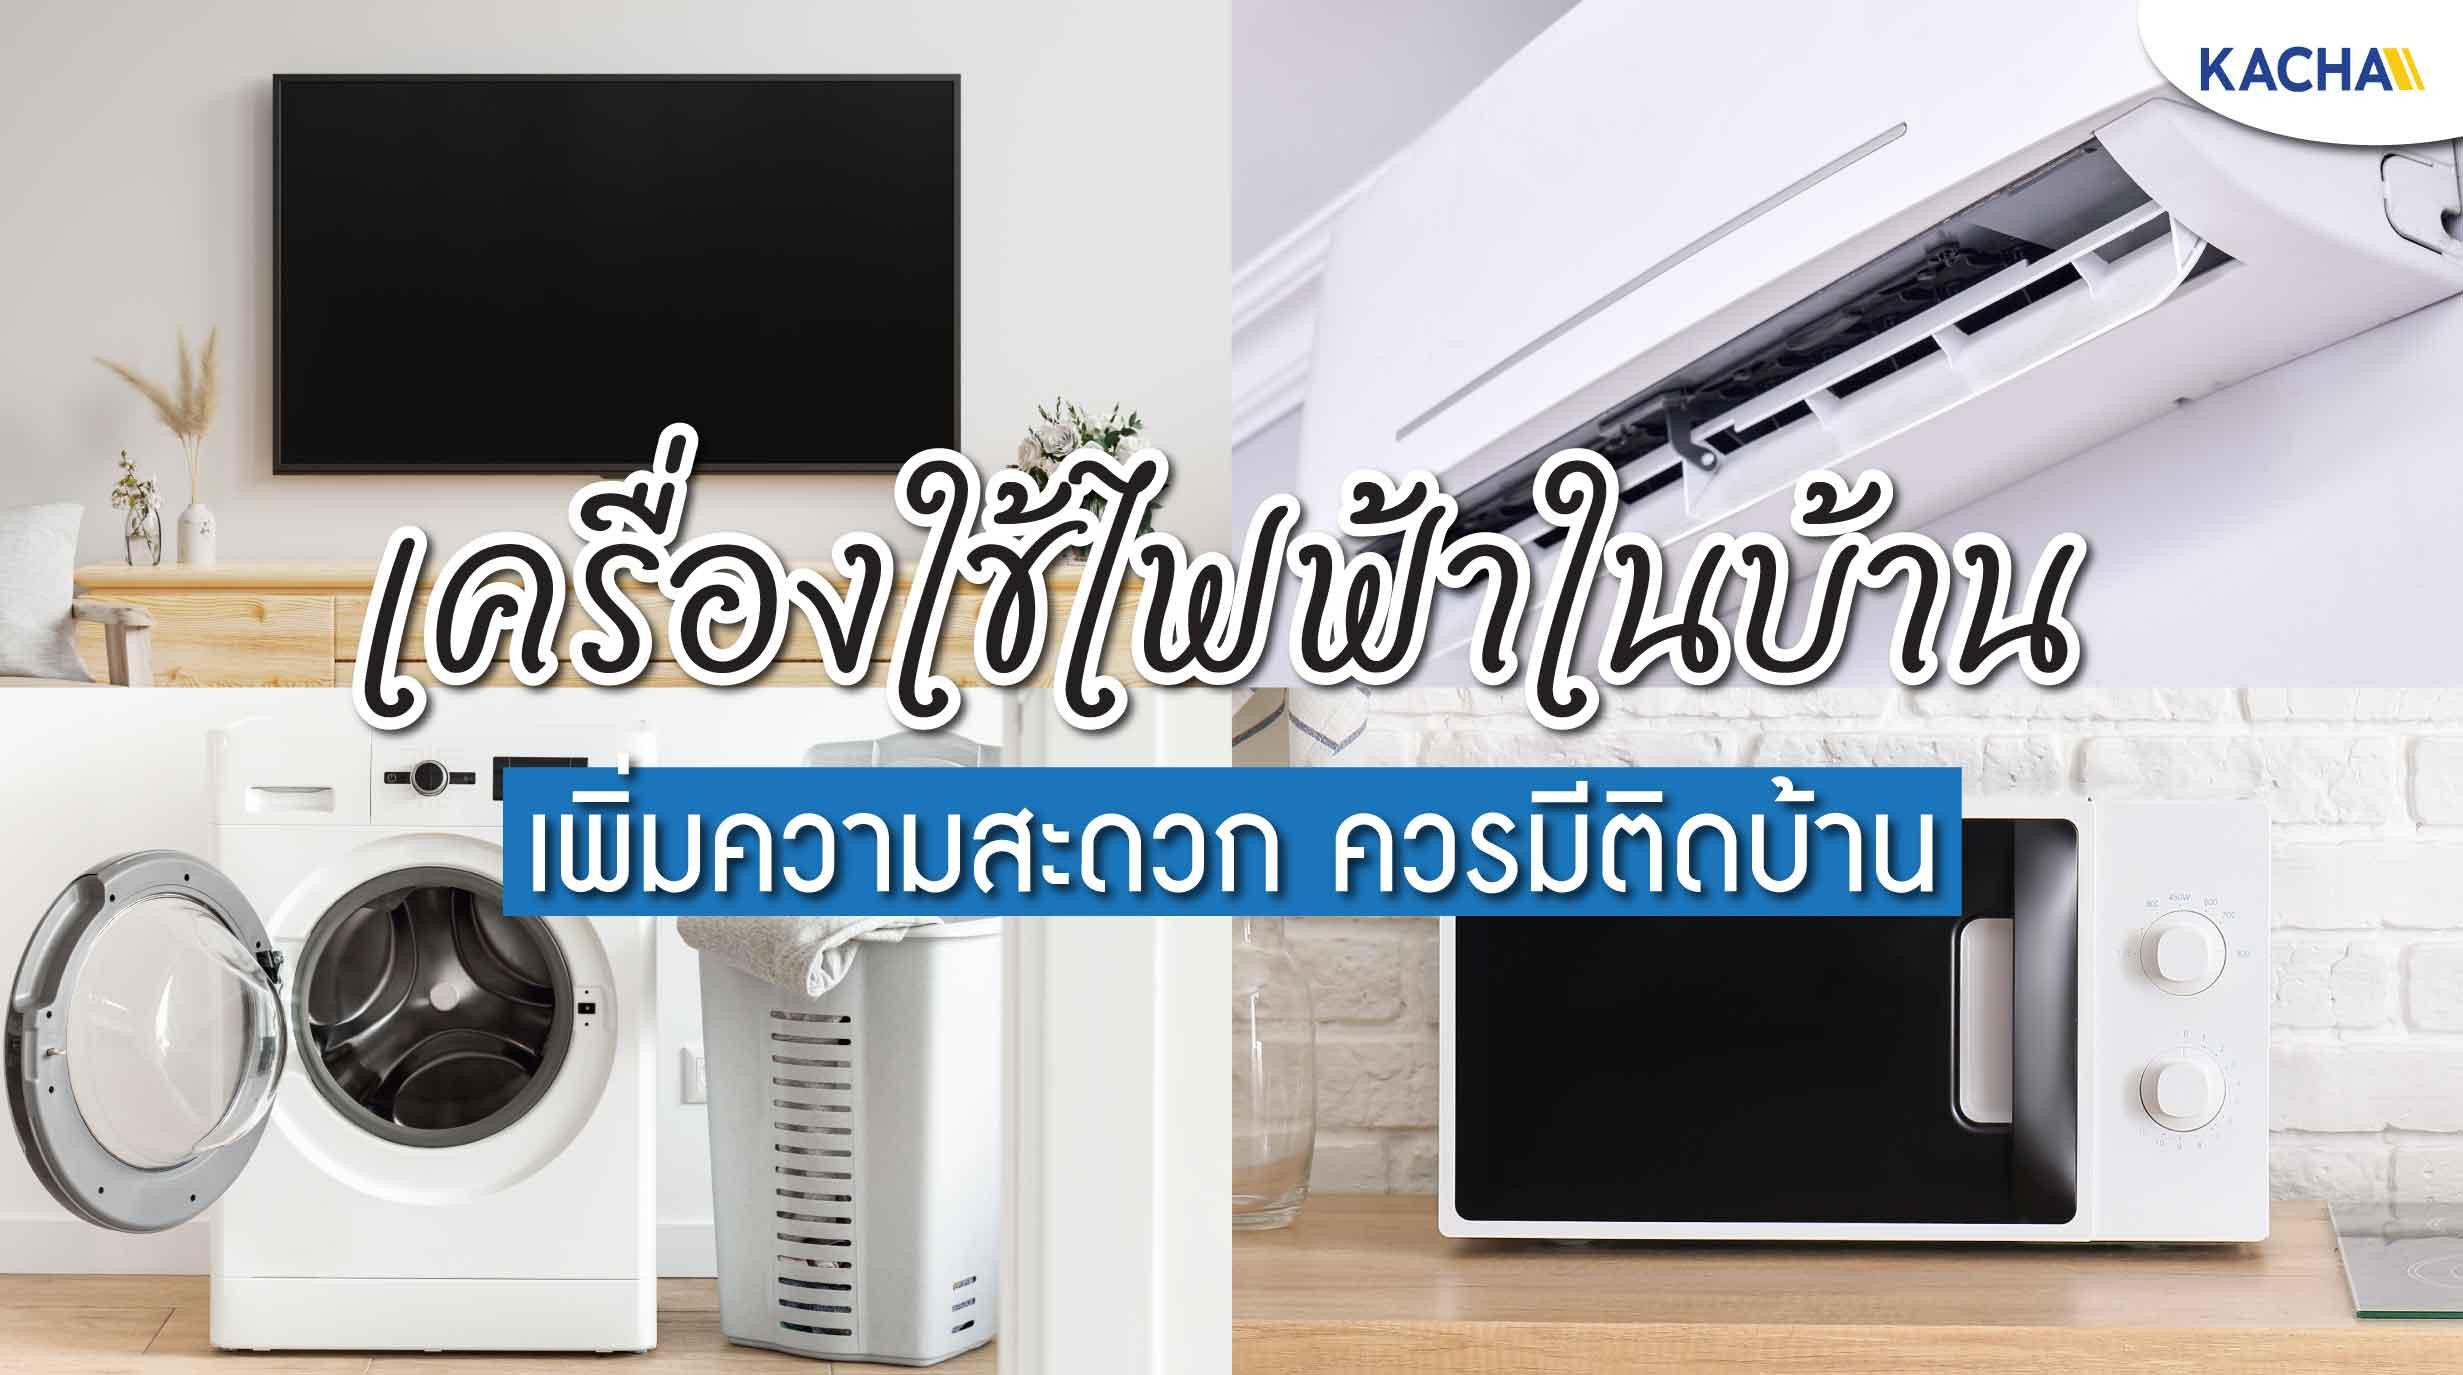 210826-Content-Checklist-เครื่องใช้ไฟฟ้าในบ้าน-ที่ต้องจำเป็น-มีอะไรบ้าง-01